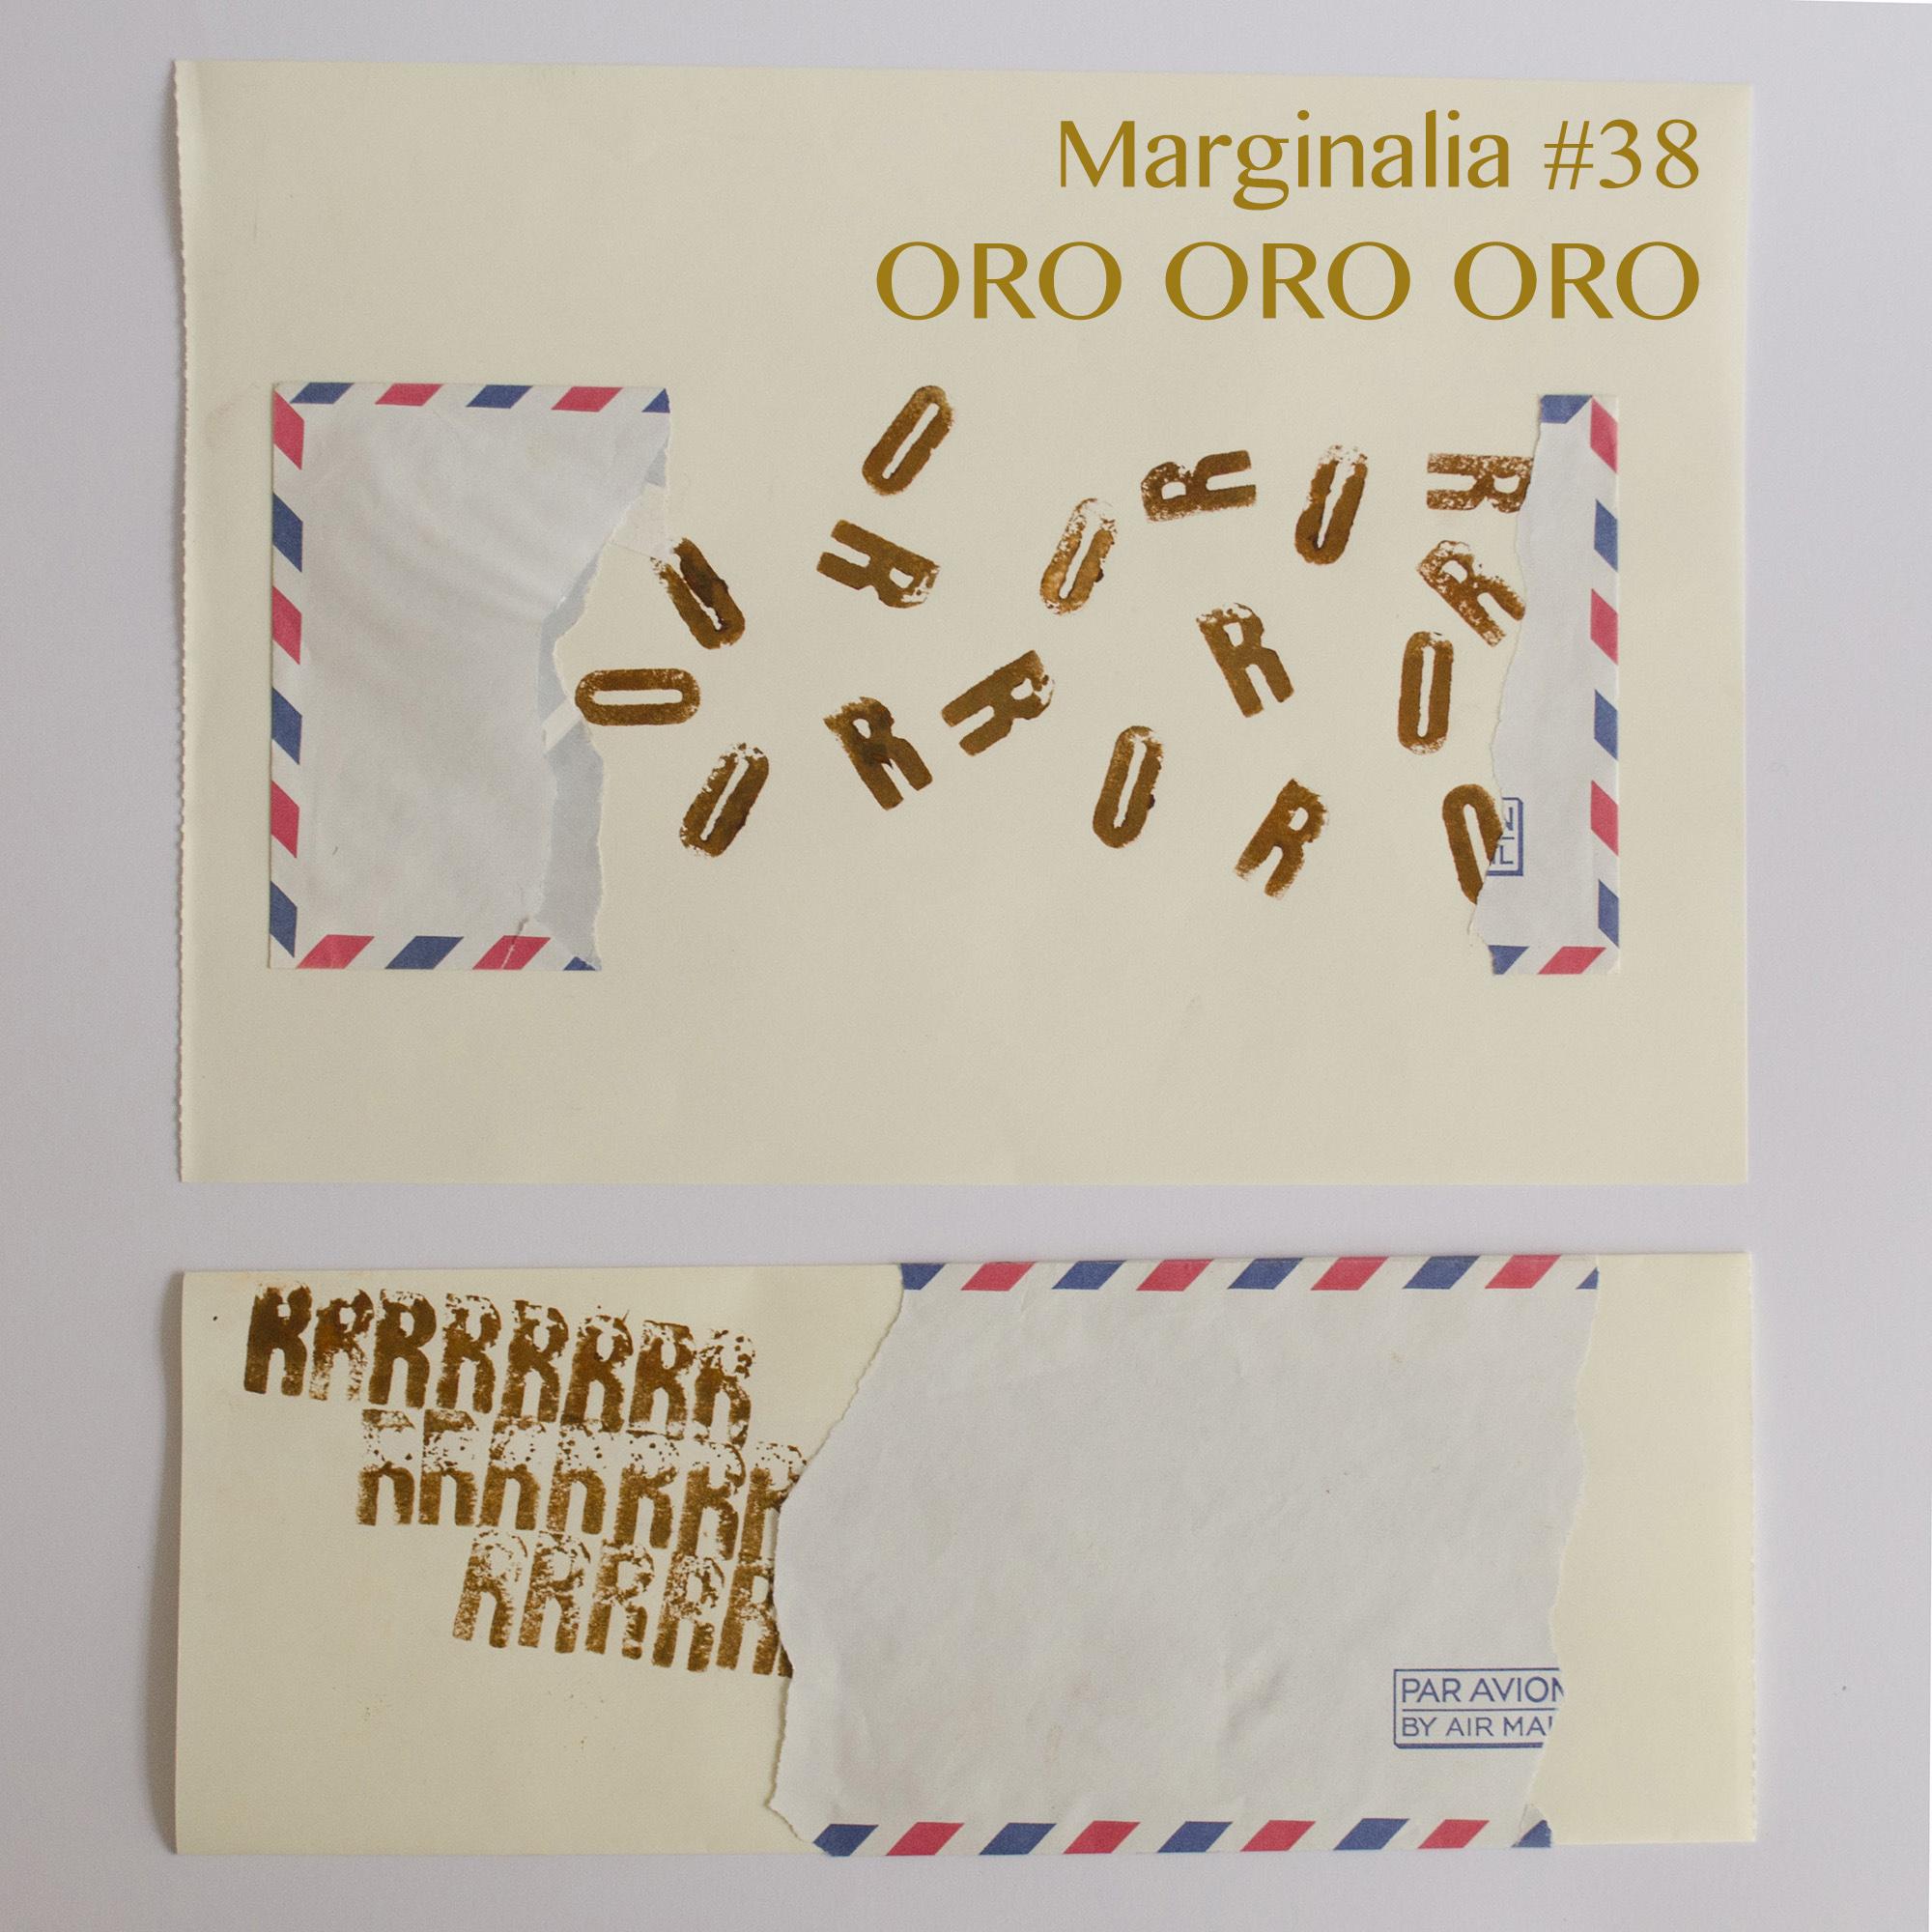 MARGINALIA #38